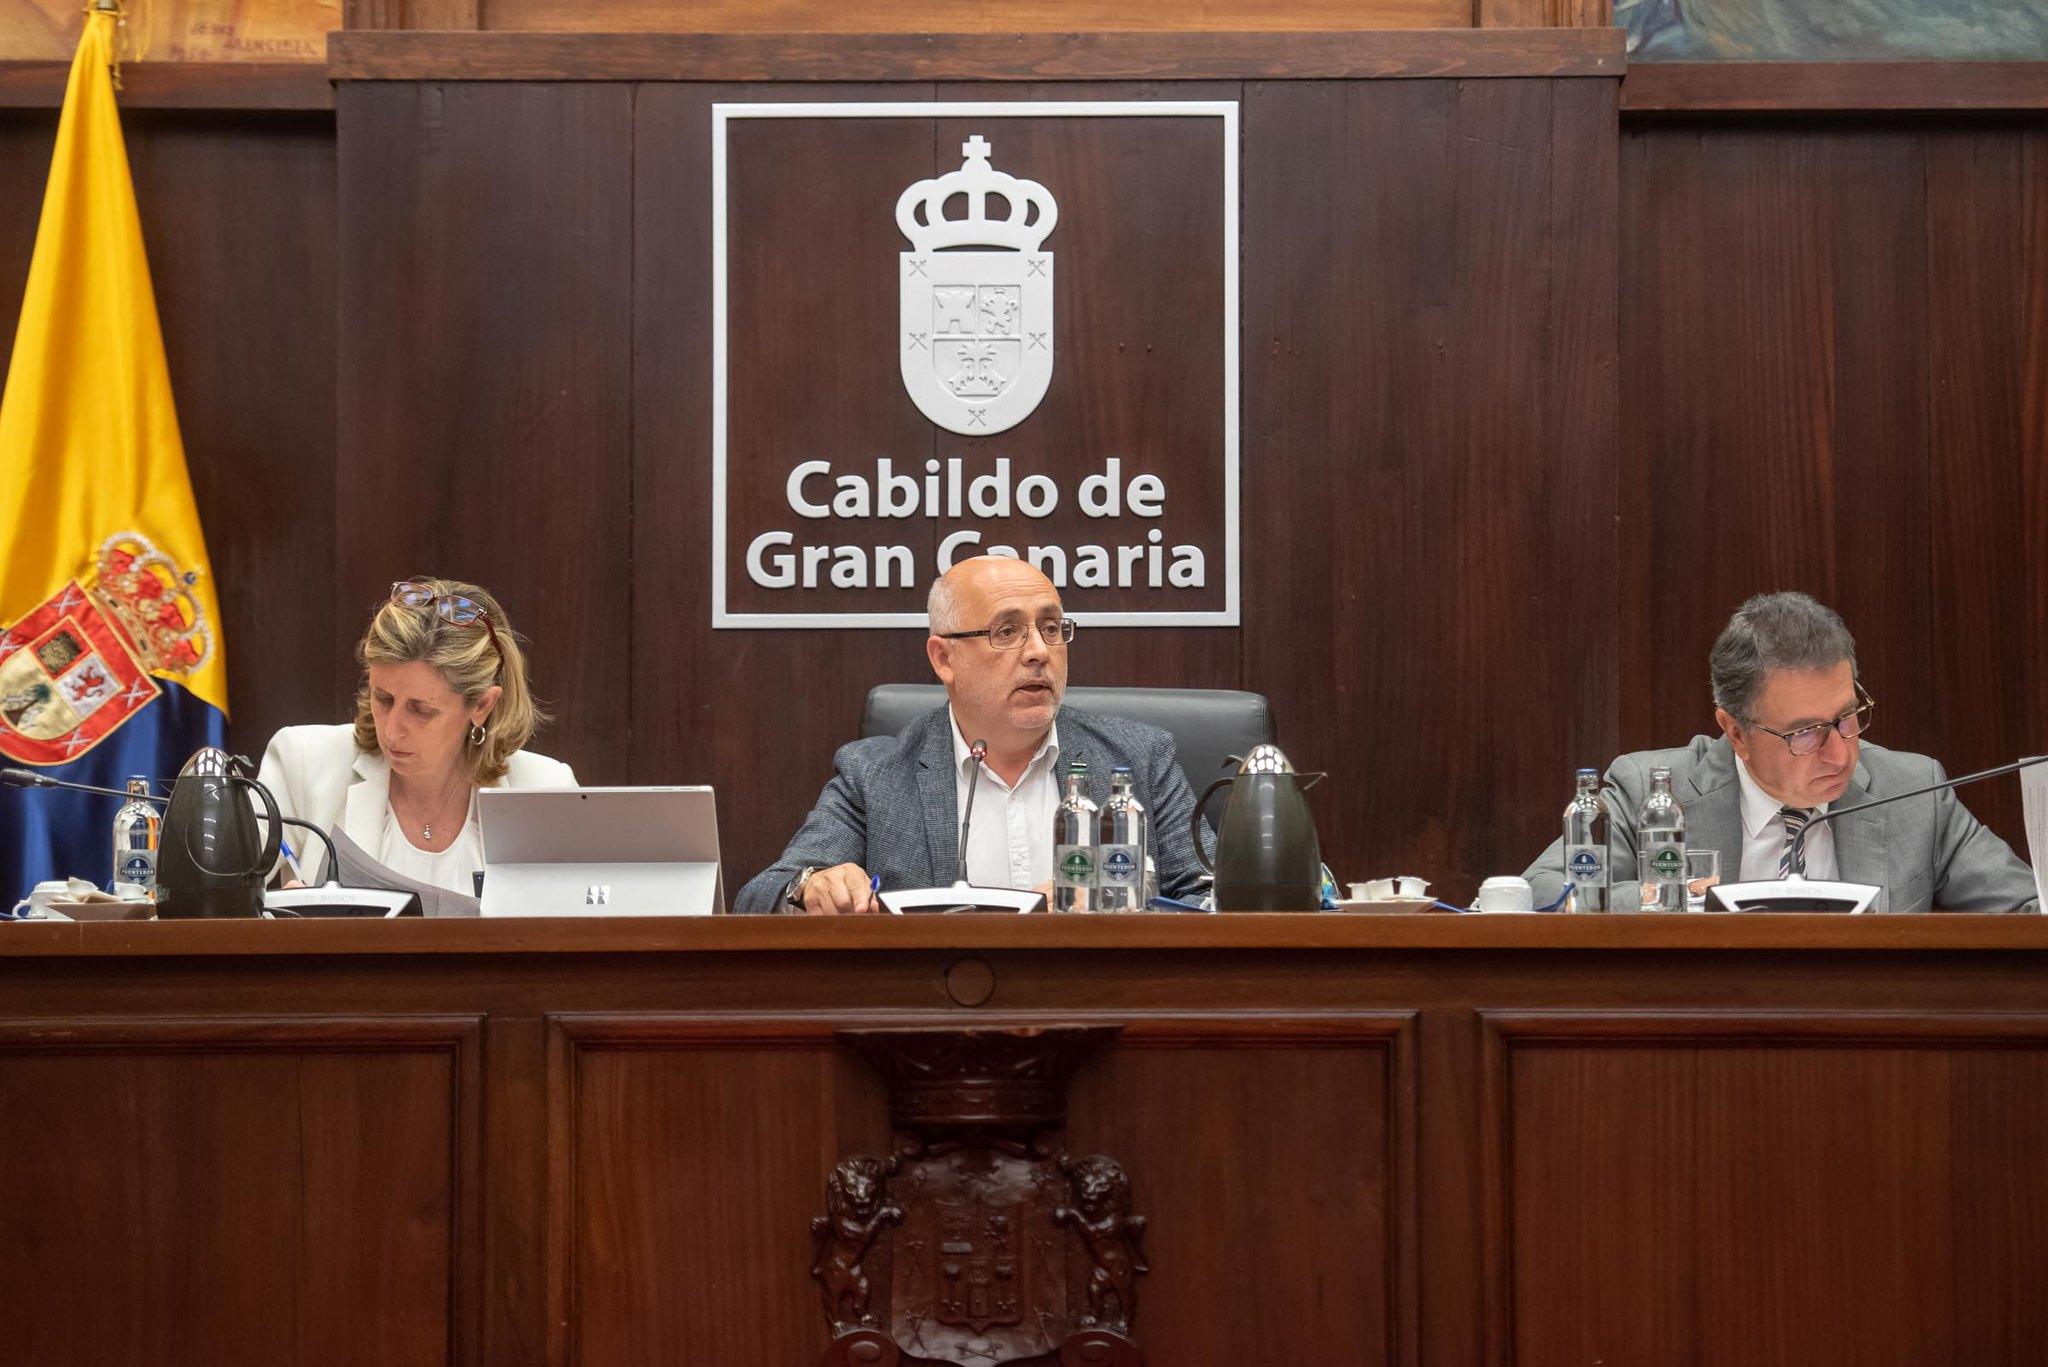 El Cabildo aprueba en pleno 500.000 euros para becar en África a 50 jóvenes titulados en Gran Canaria